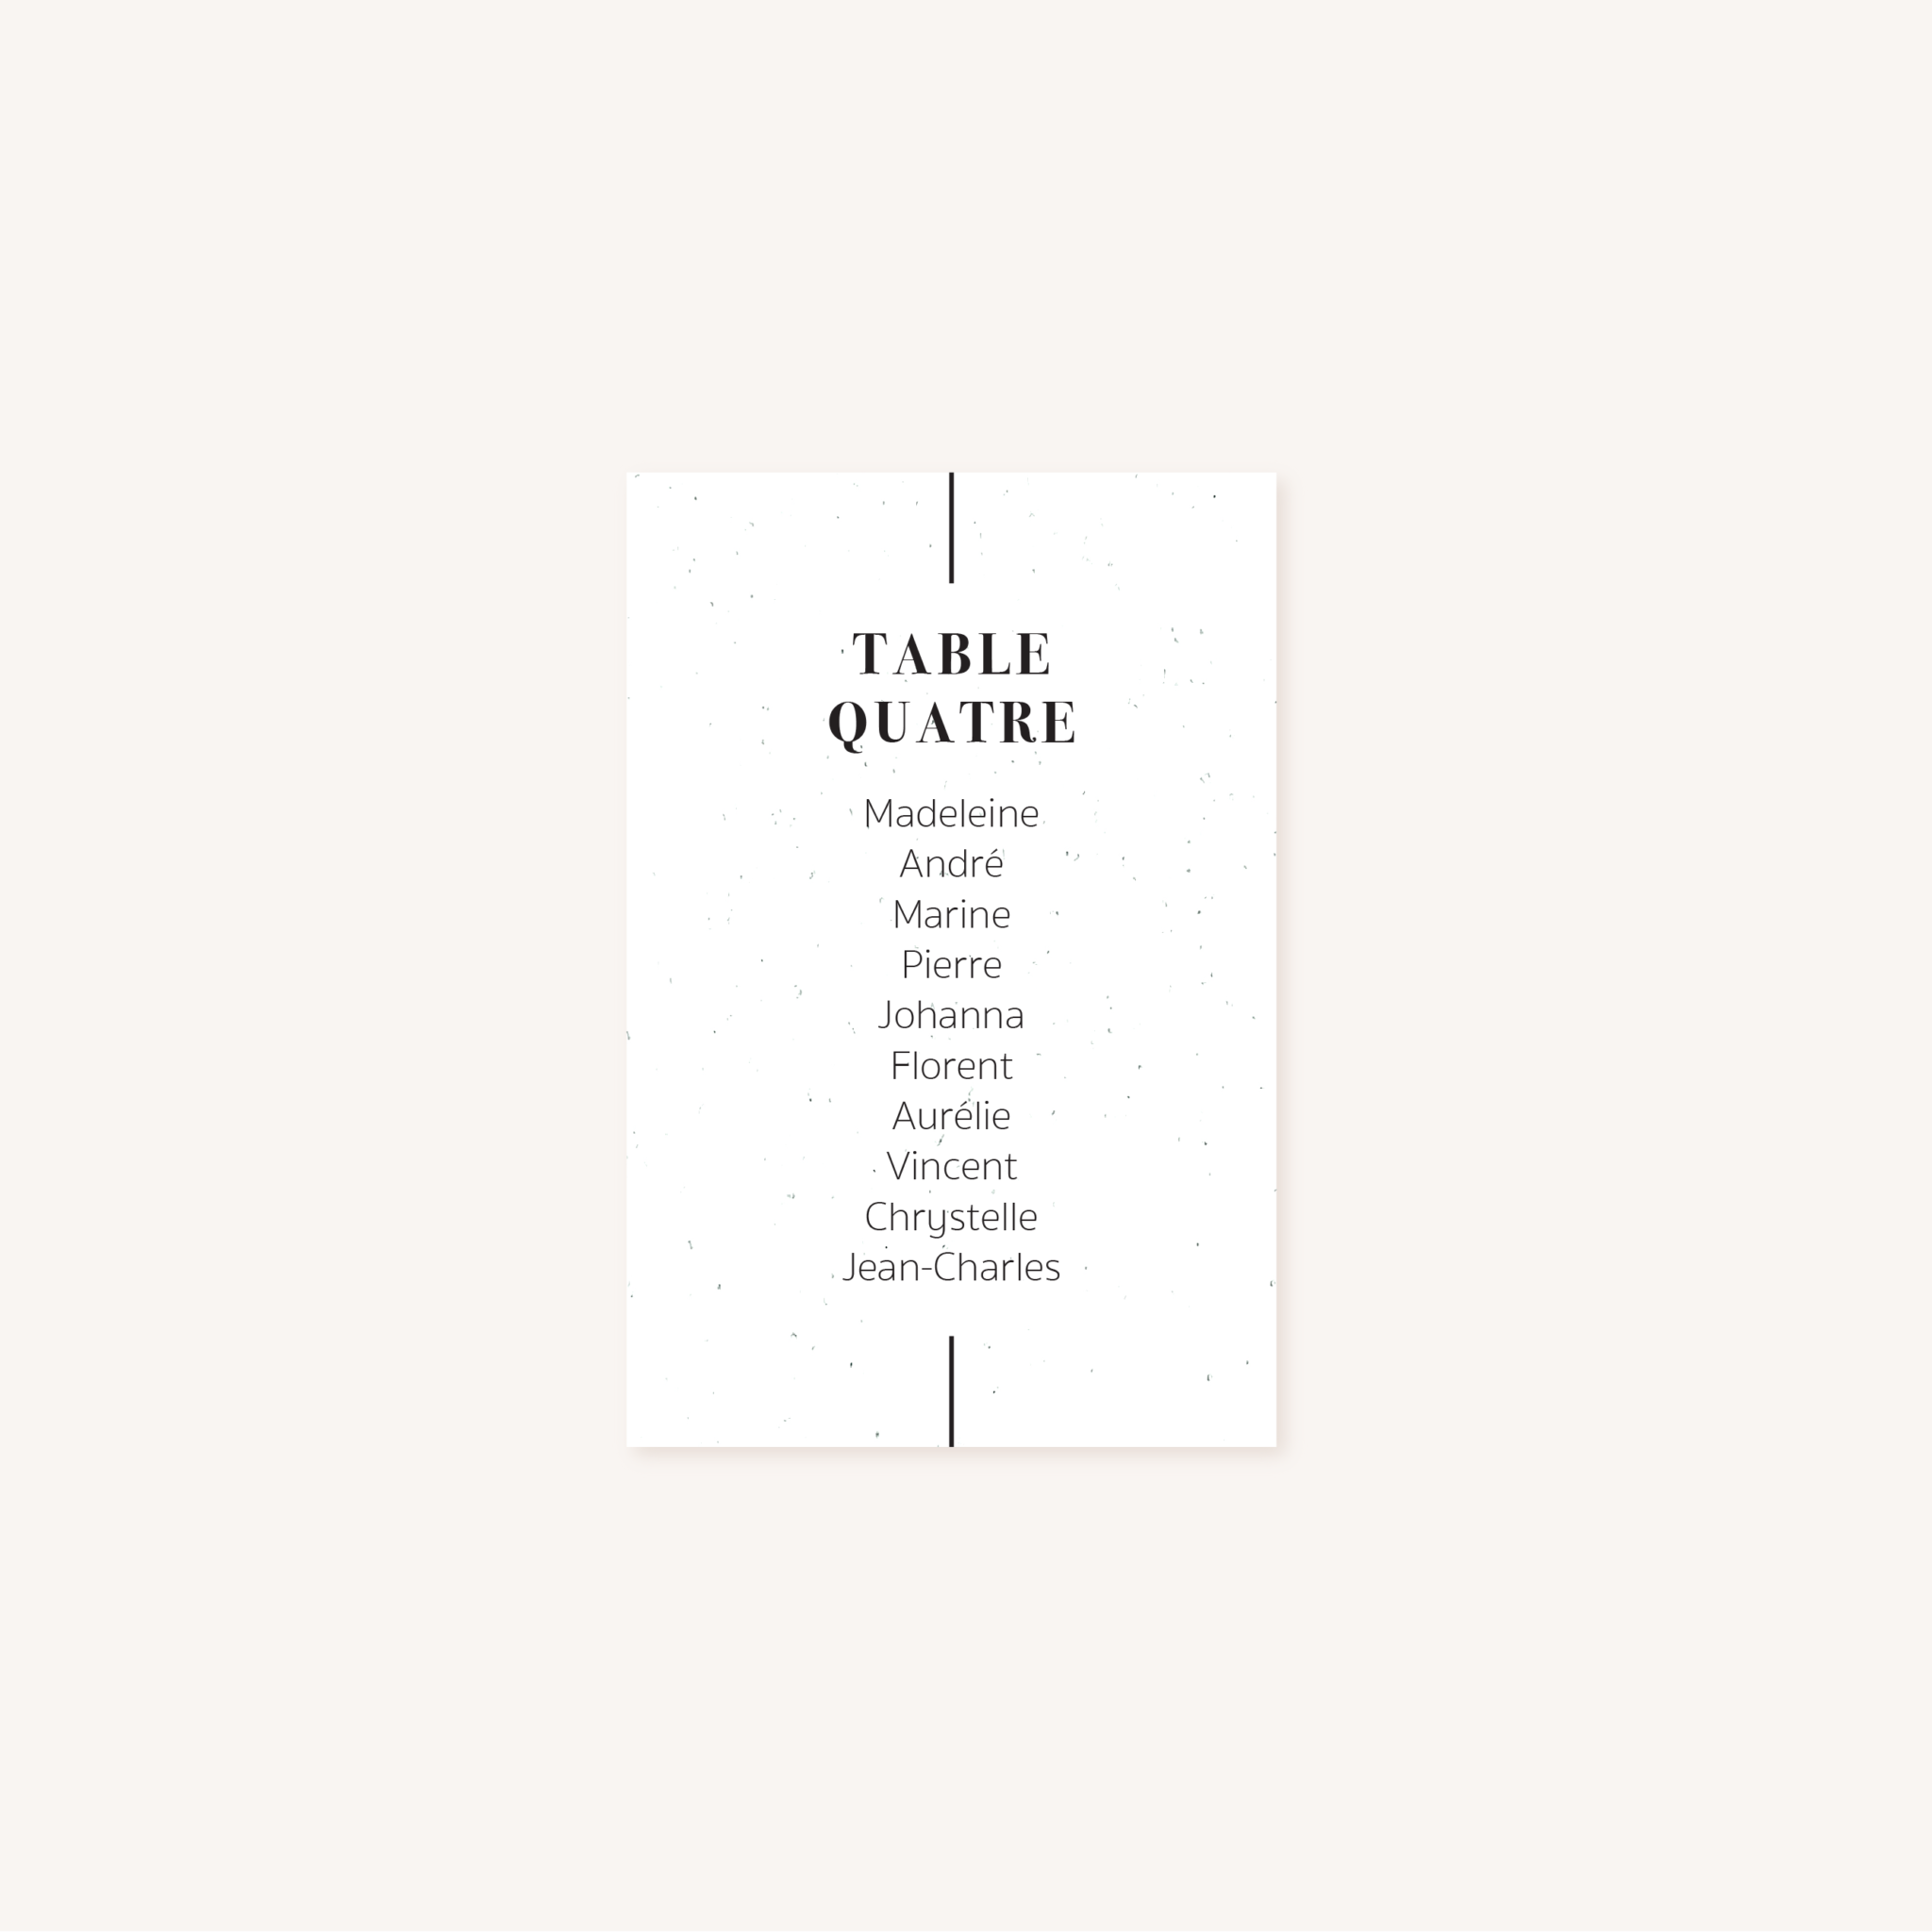 Plan de table mariage faire-part papeterie épuré noir blanc neutre unisexe élégant